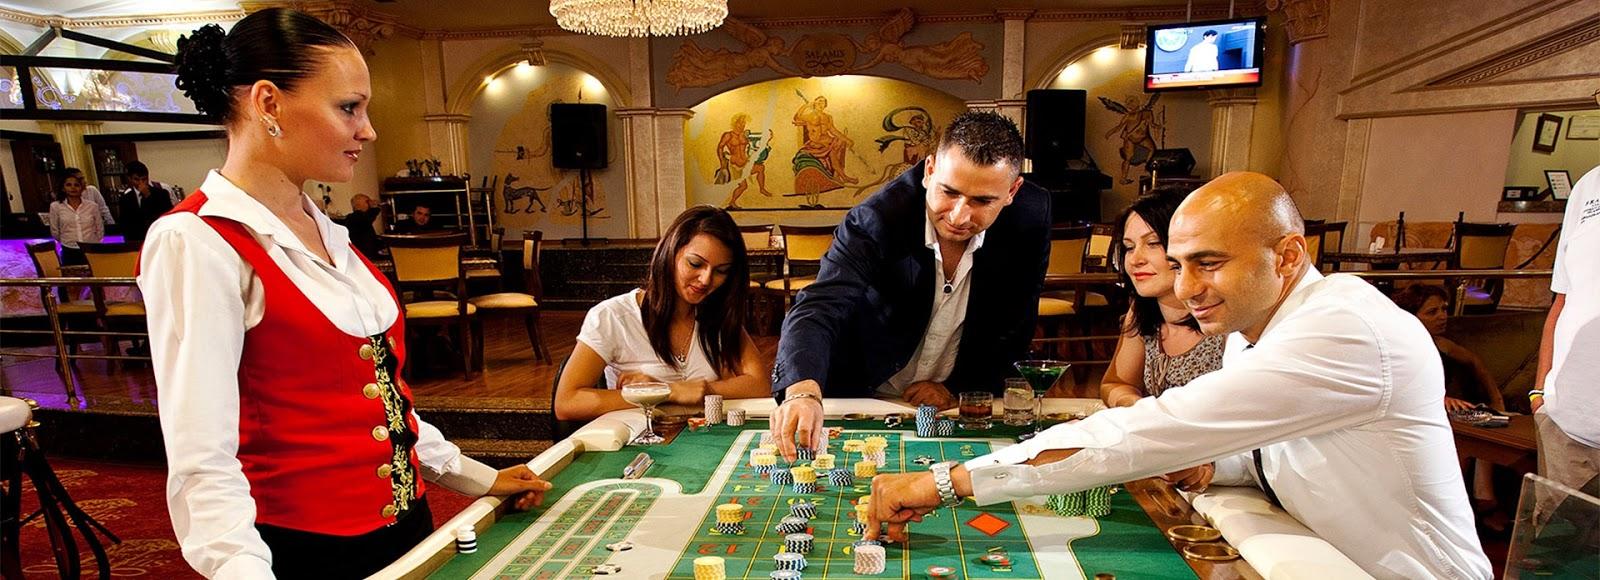 Quels sont les jeux de casino les plus rentables ?